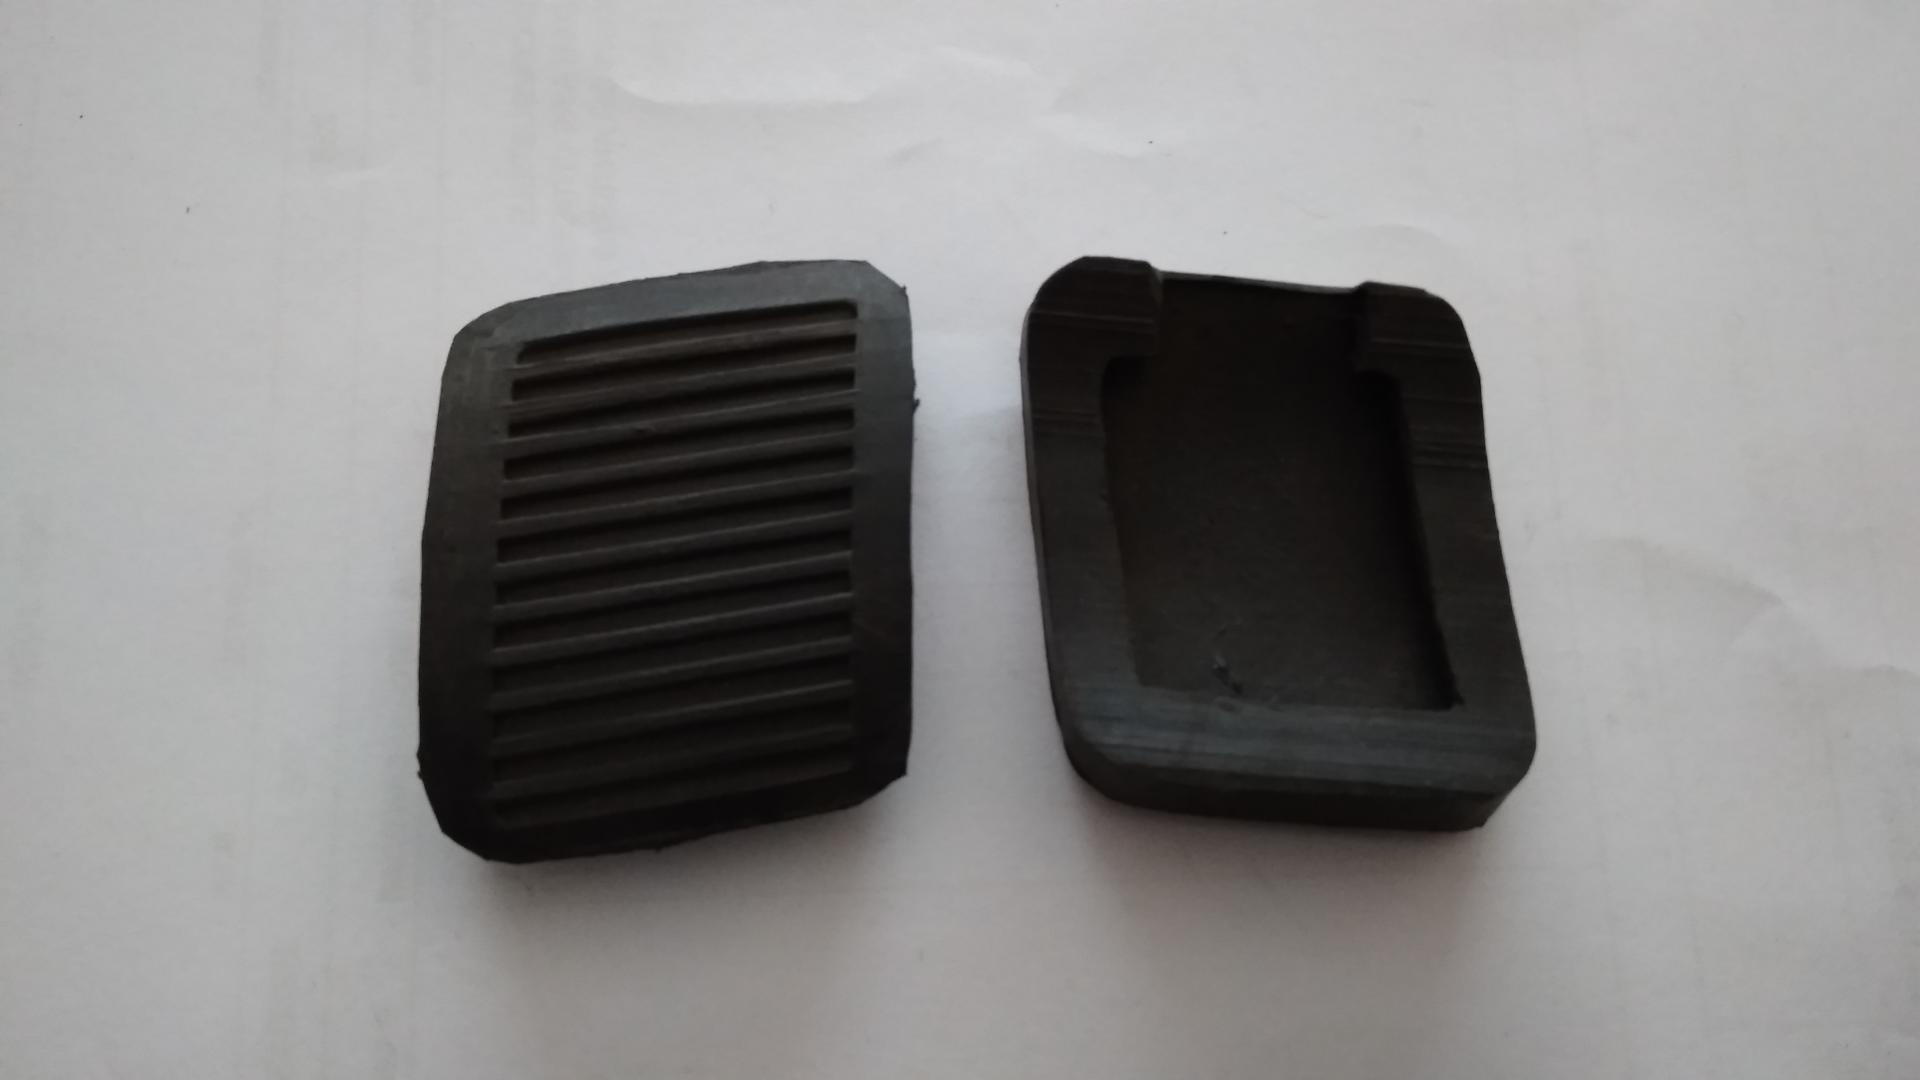 gomas Cubrepedales de freno y embrague  de Renault 4 antiguo